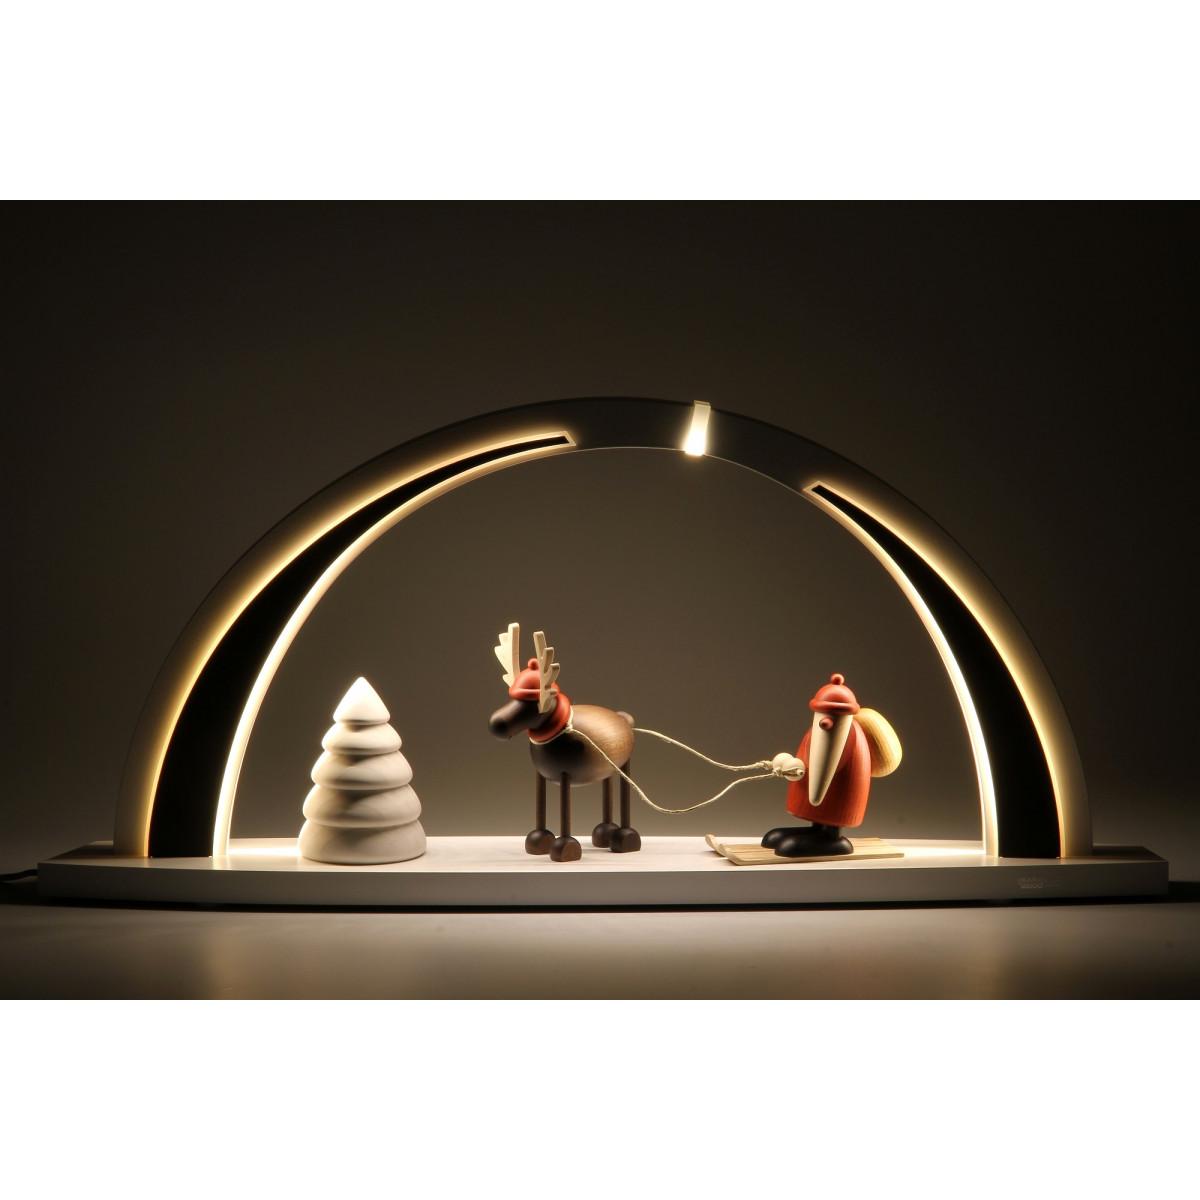 led schwibbogen wei schwarz mit bj rn k hler figuren gro erzgebirgskunst drechsel. Black Bedroom Furniture Sets. Home Design Ideas